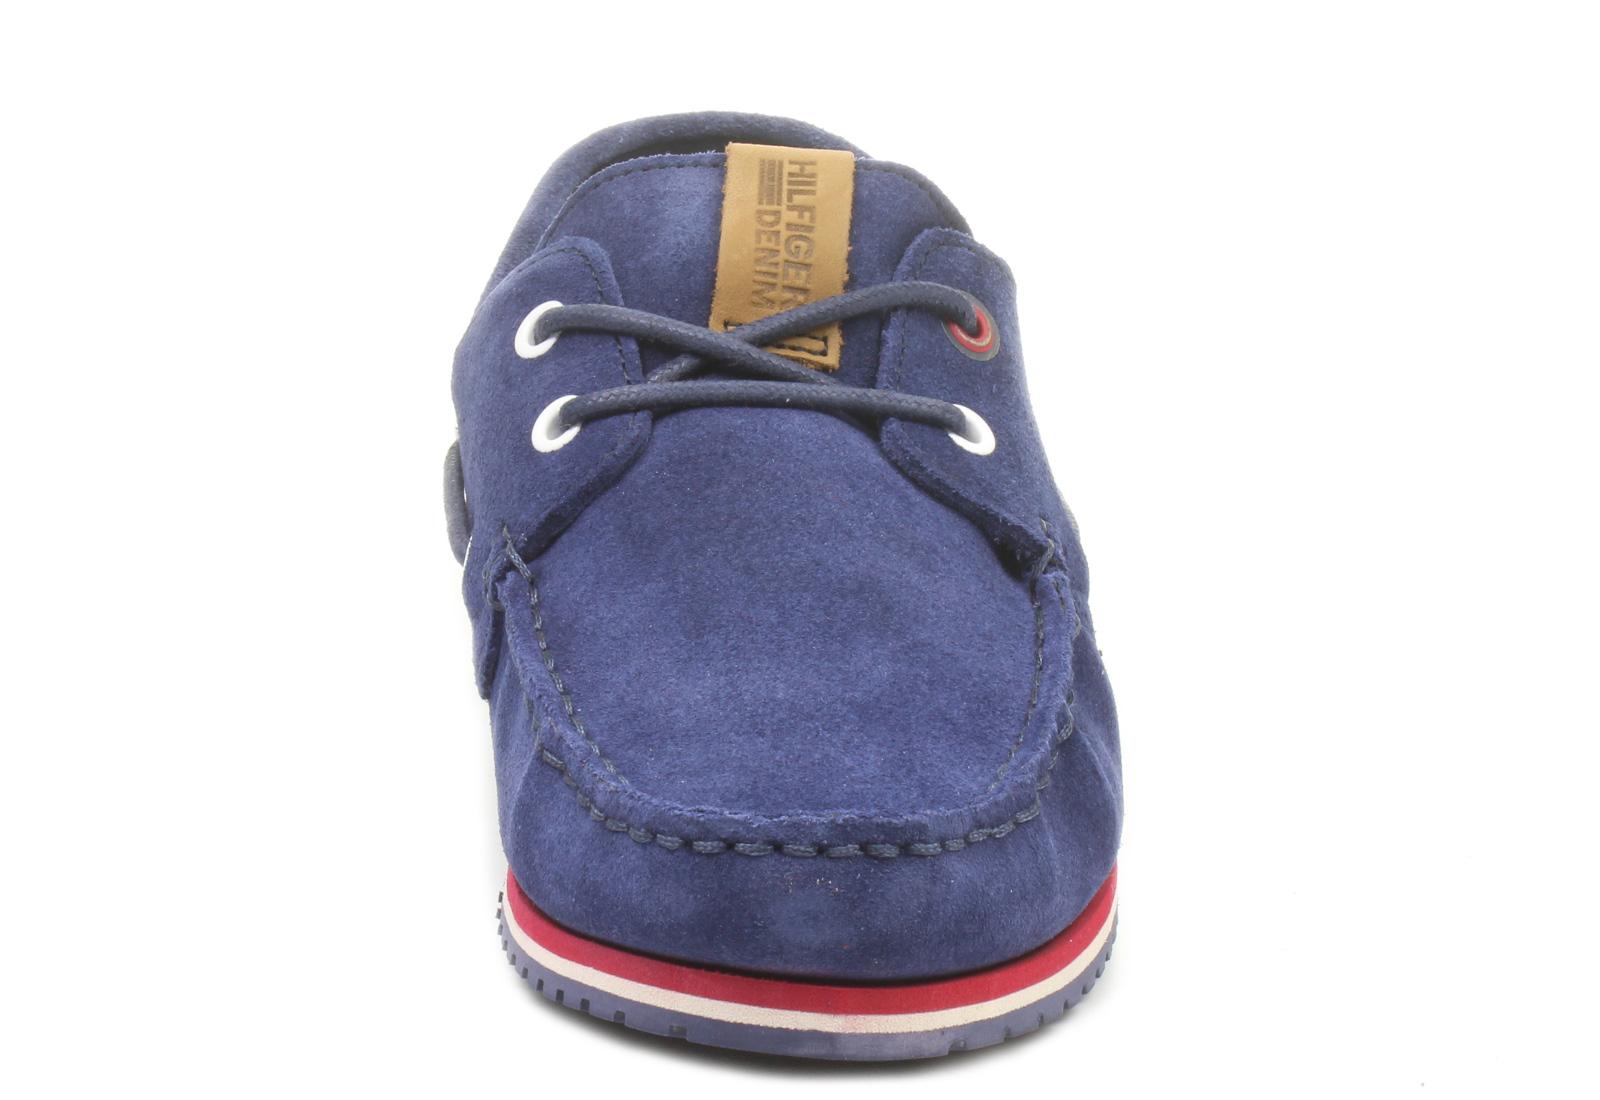 tommy hilfiger shoes nate 3b 14s 7002 409 online. Black Bedroom Furniture Sets. Home Design Ideas